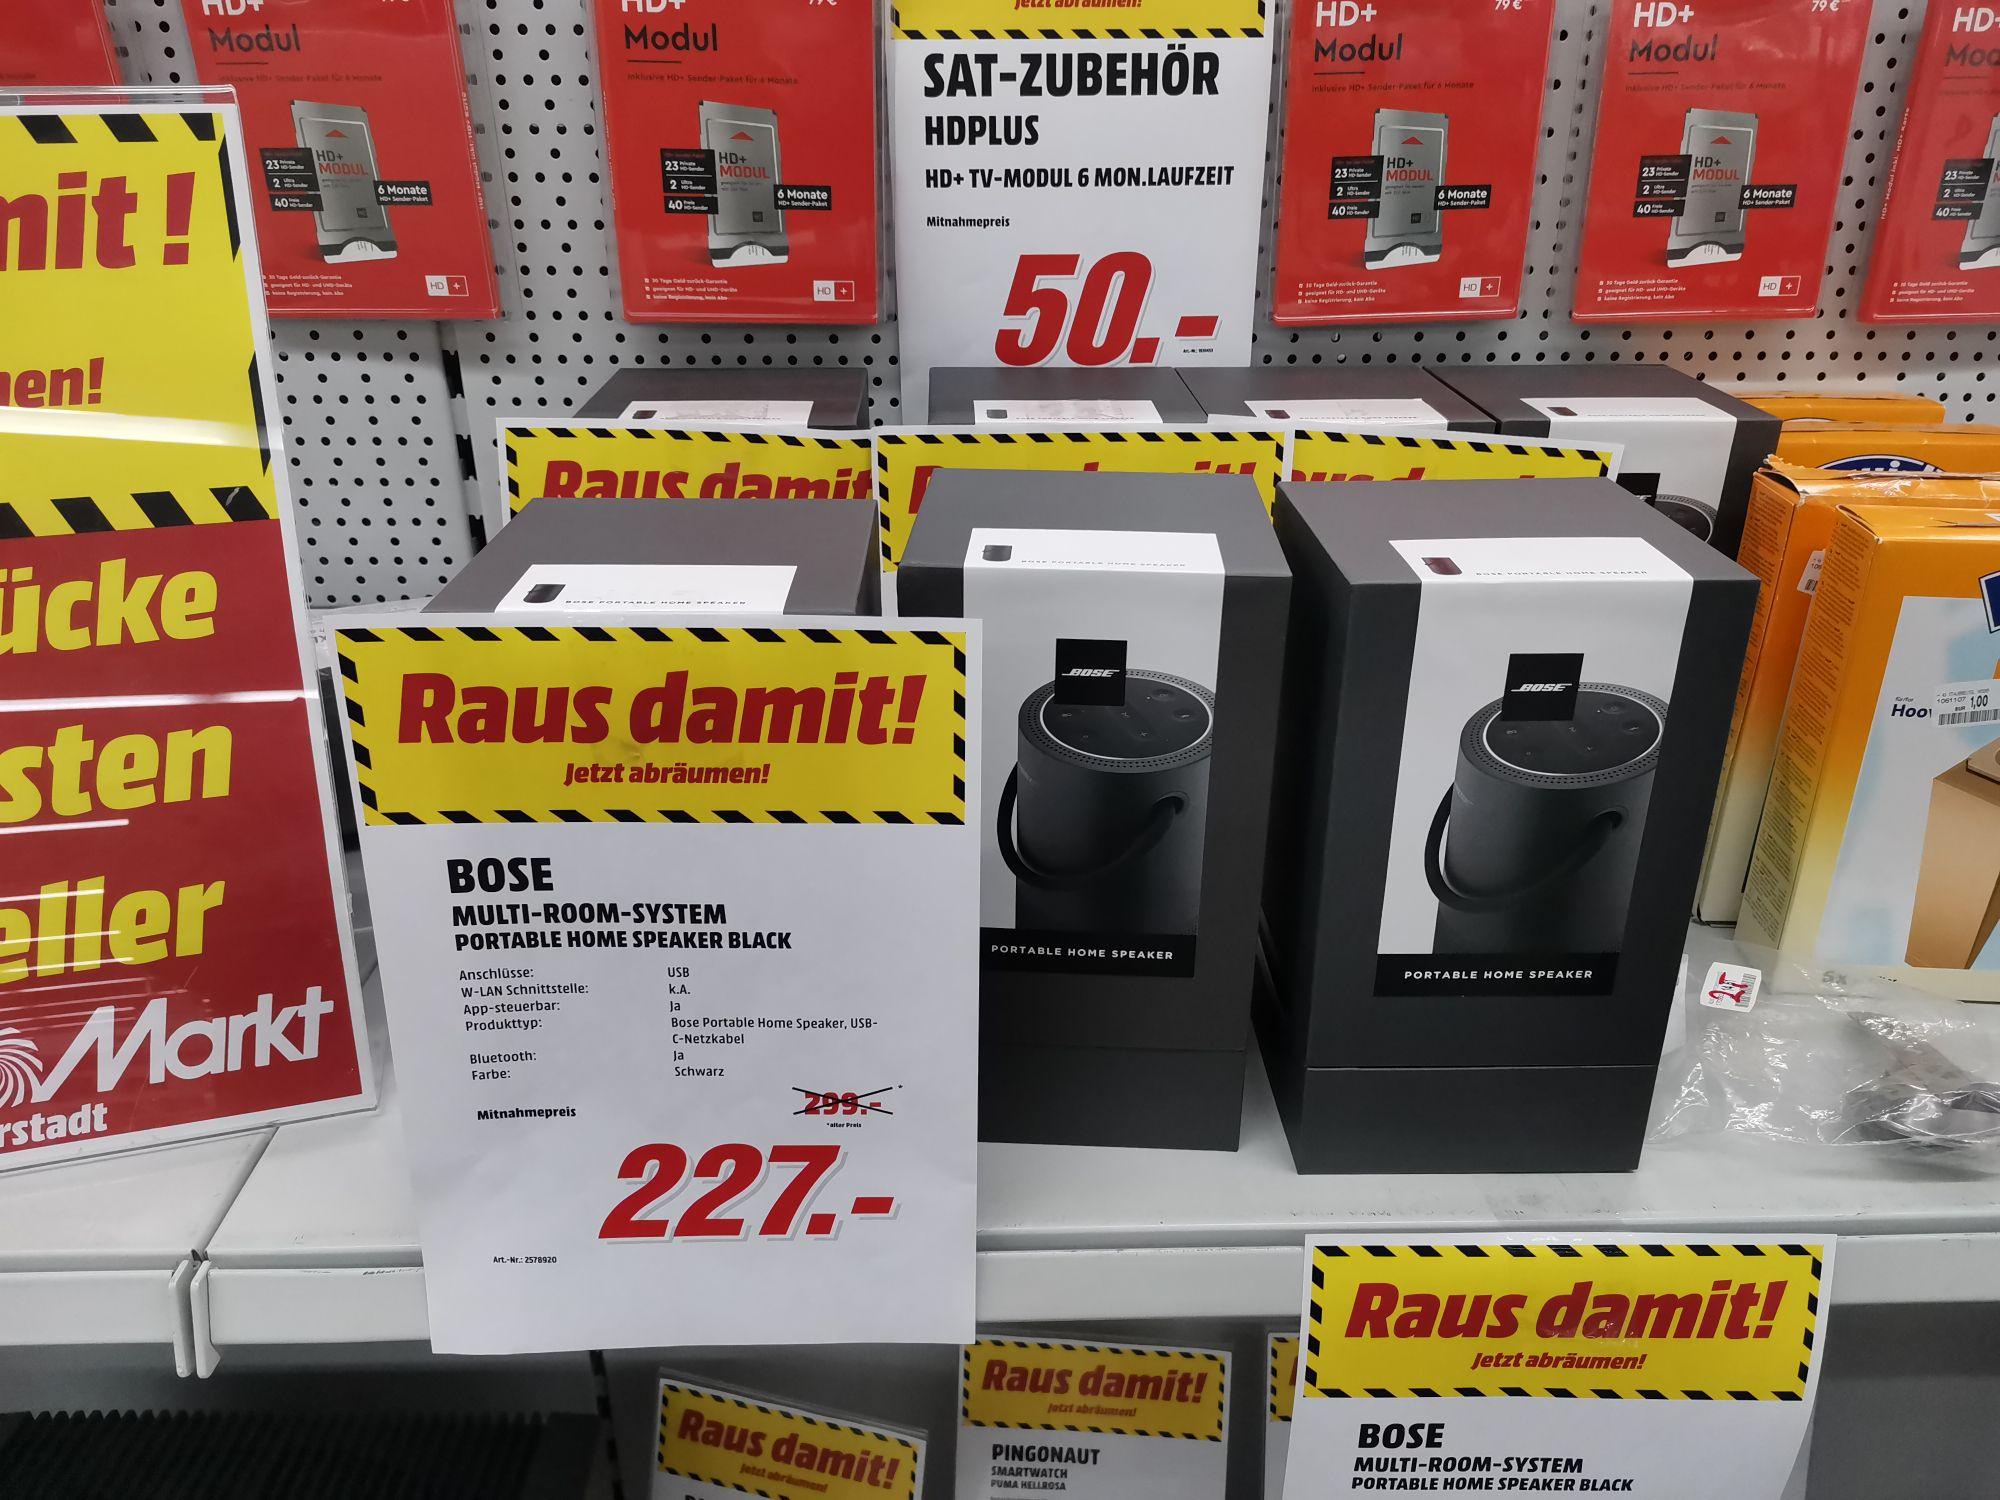 Lokal Media Markt Weiterstadt Bose Portabel Home Speaker